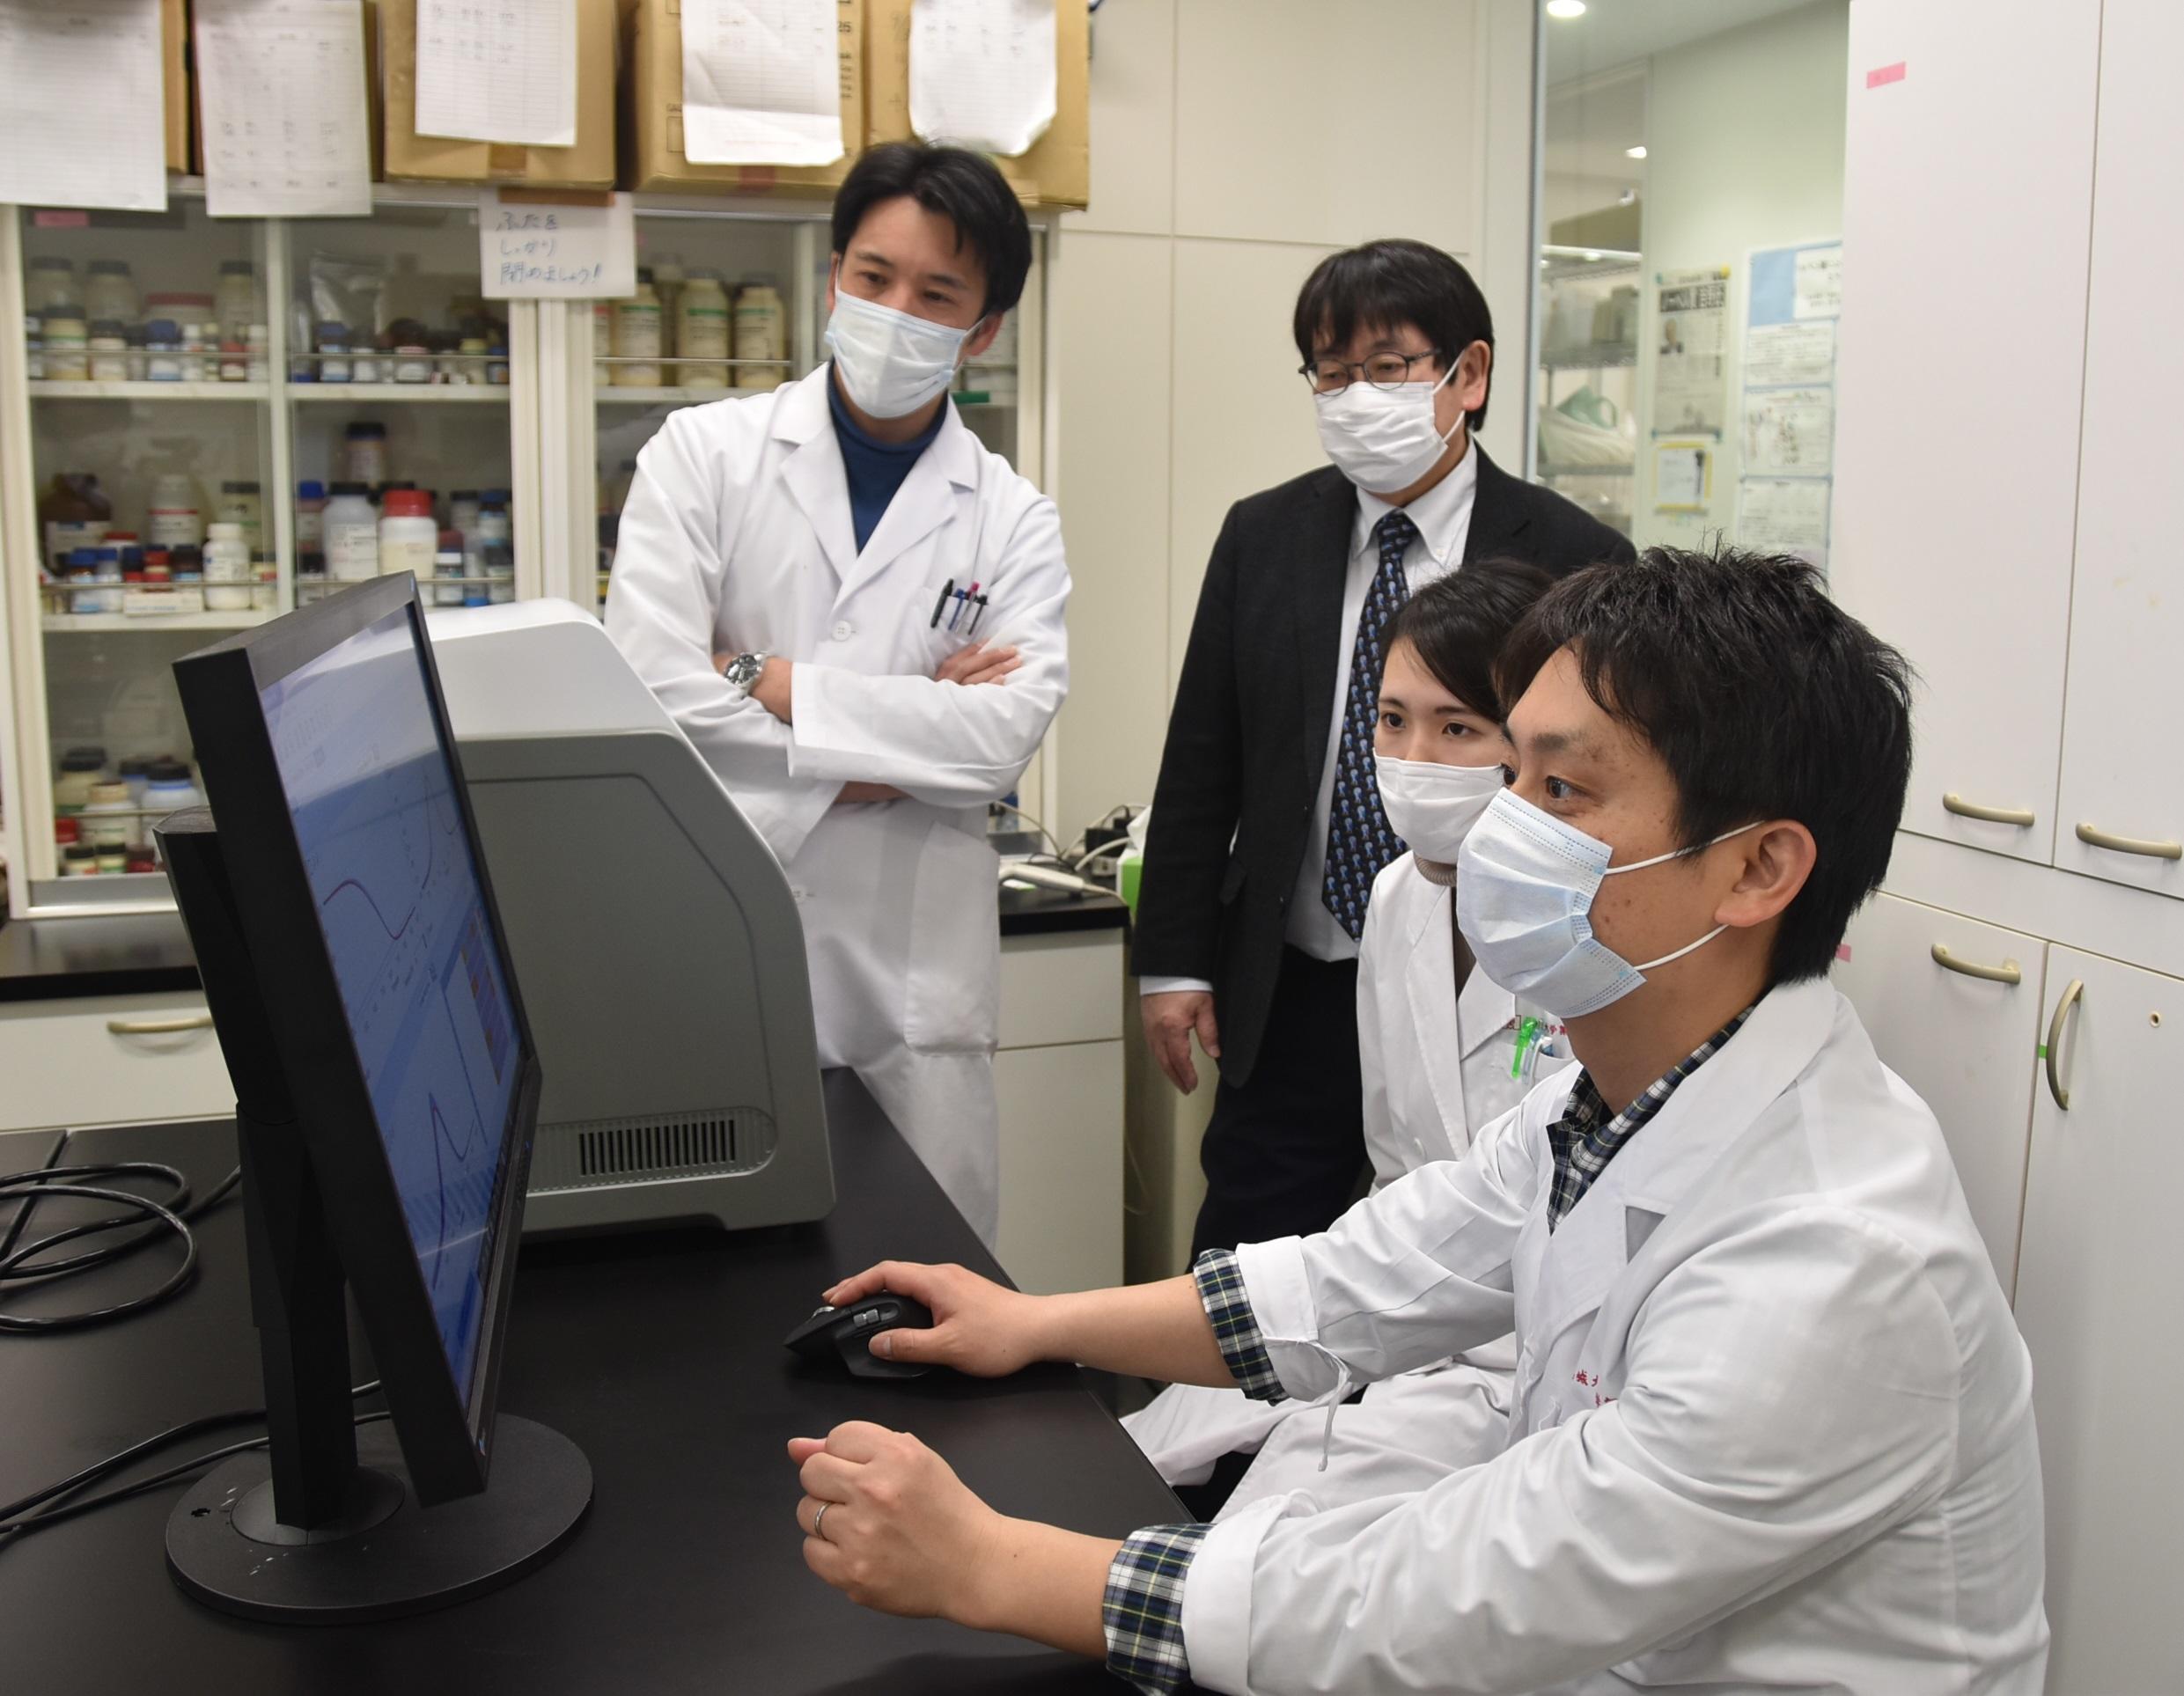 「4人のこびと達」の(左から)岡本誉士典准教授、神野透人教授、森葉子さん、青木明助教